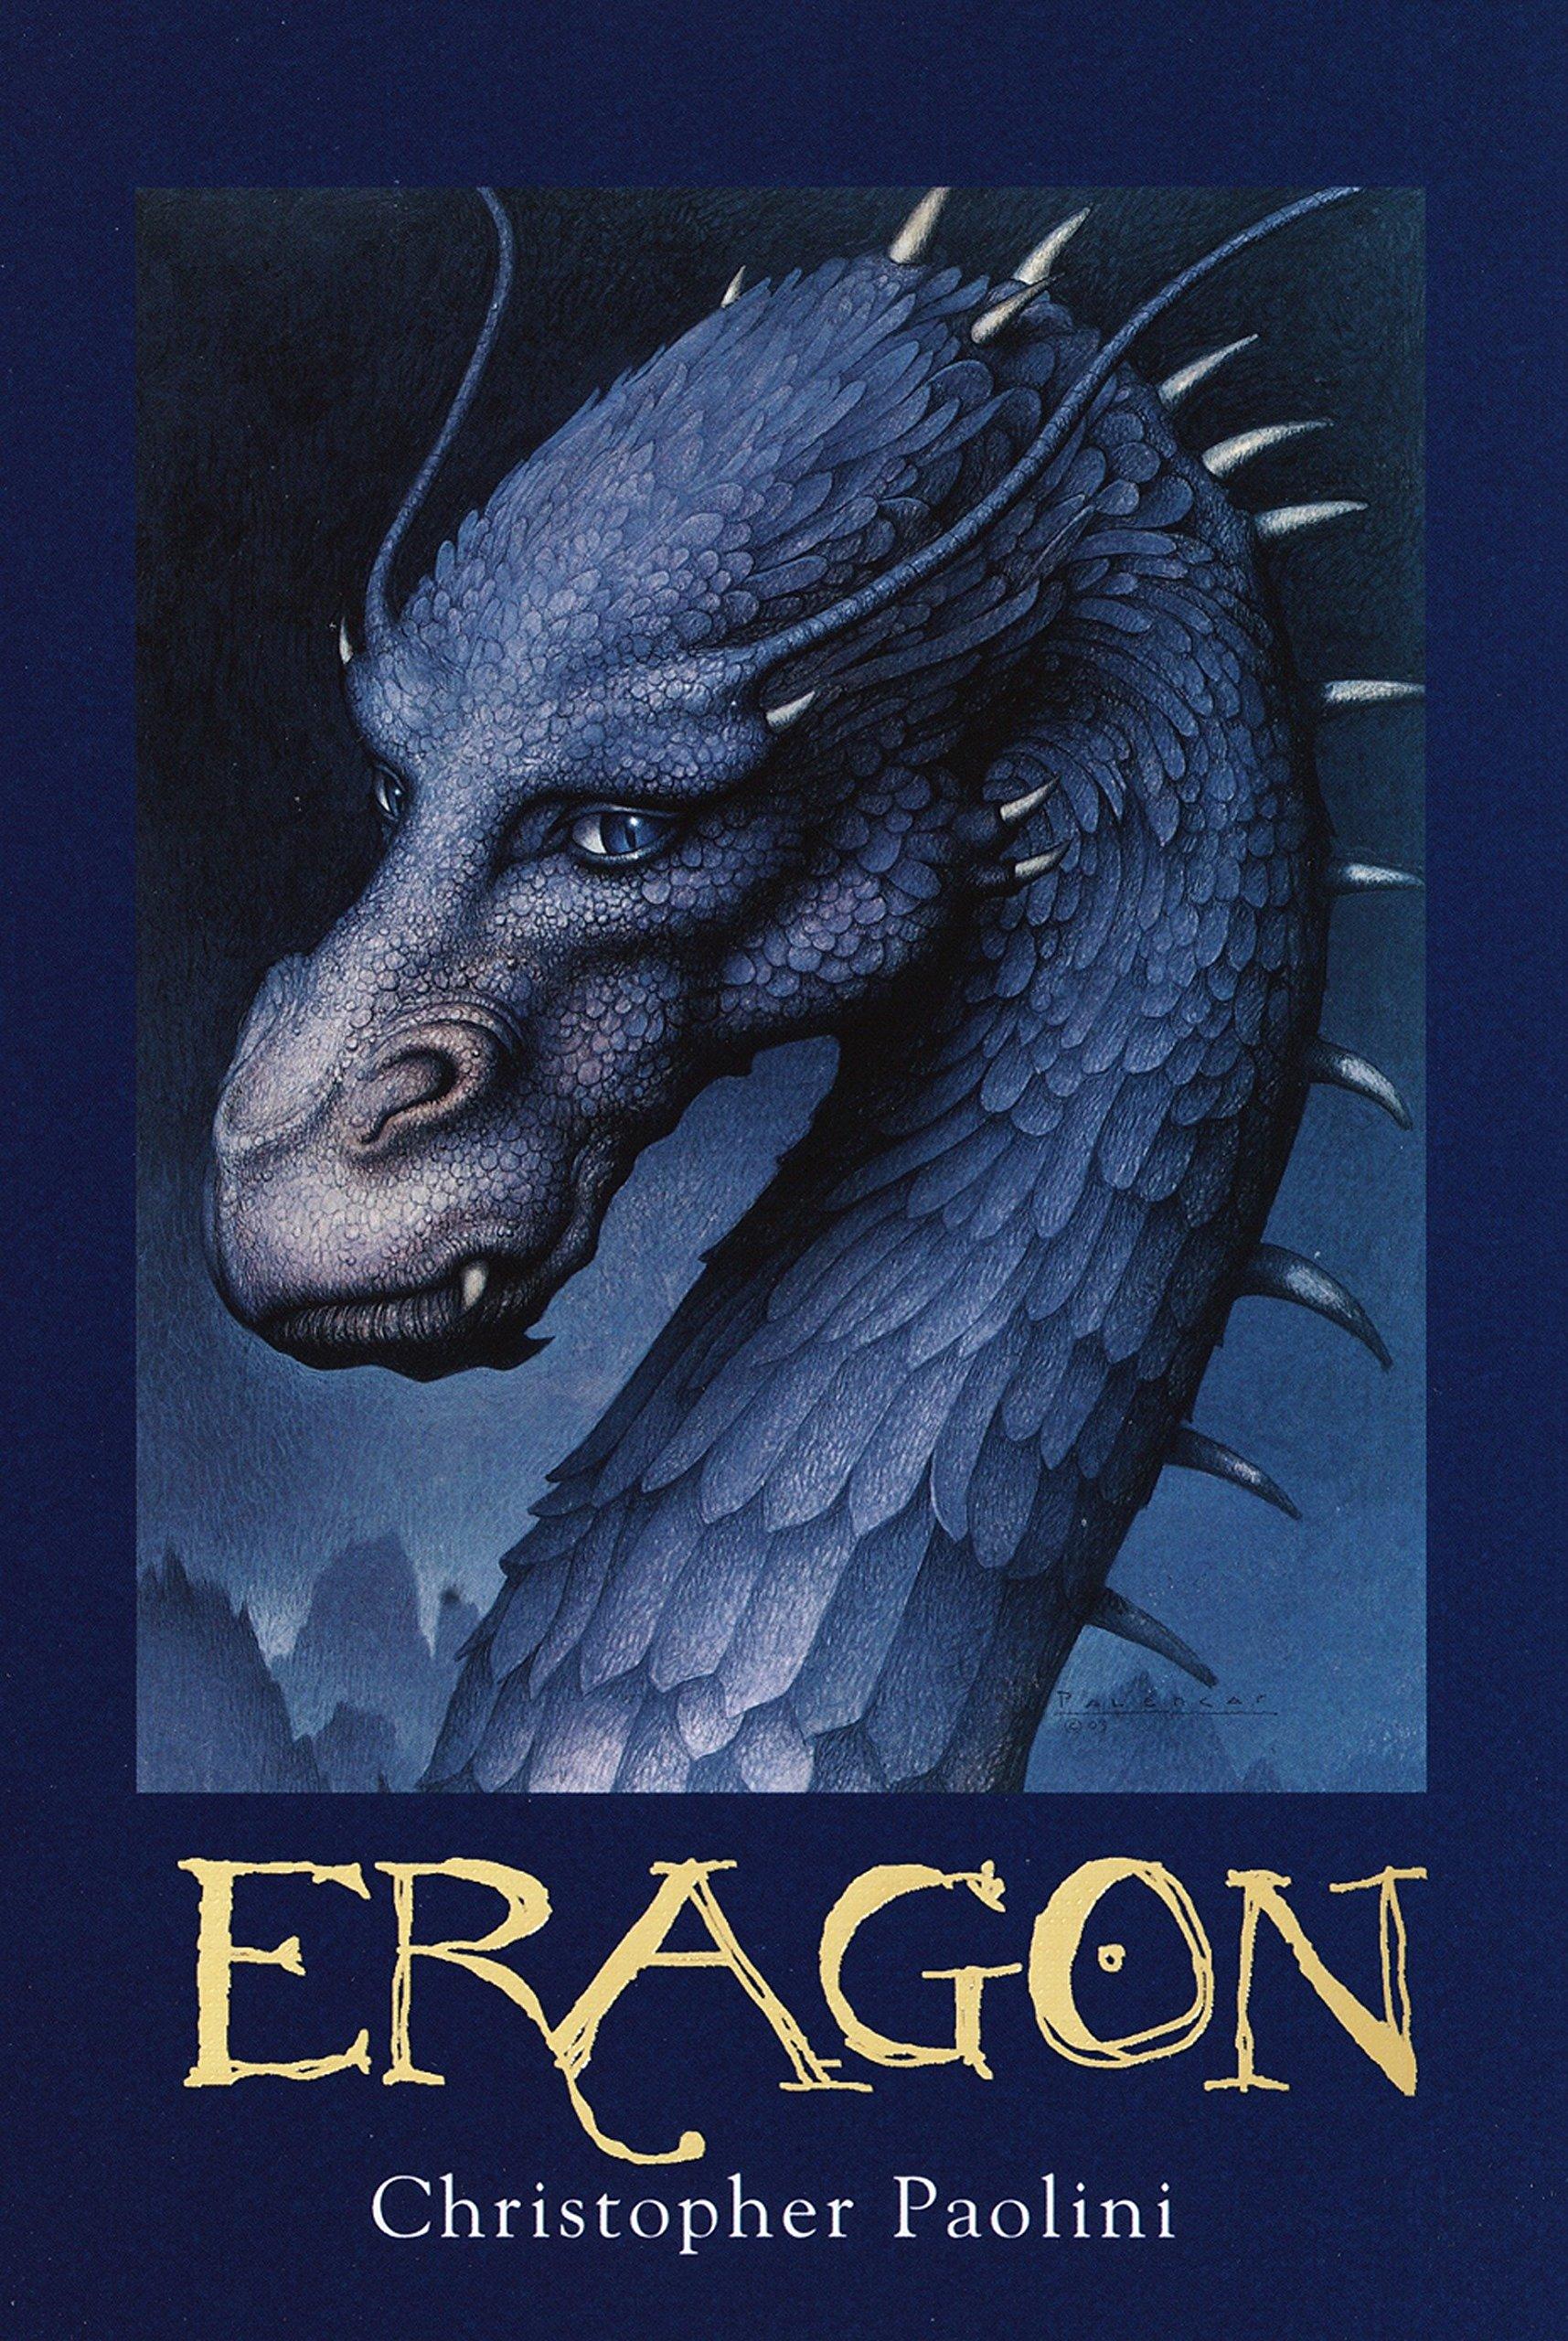 hairy Eragon chest chest hairy